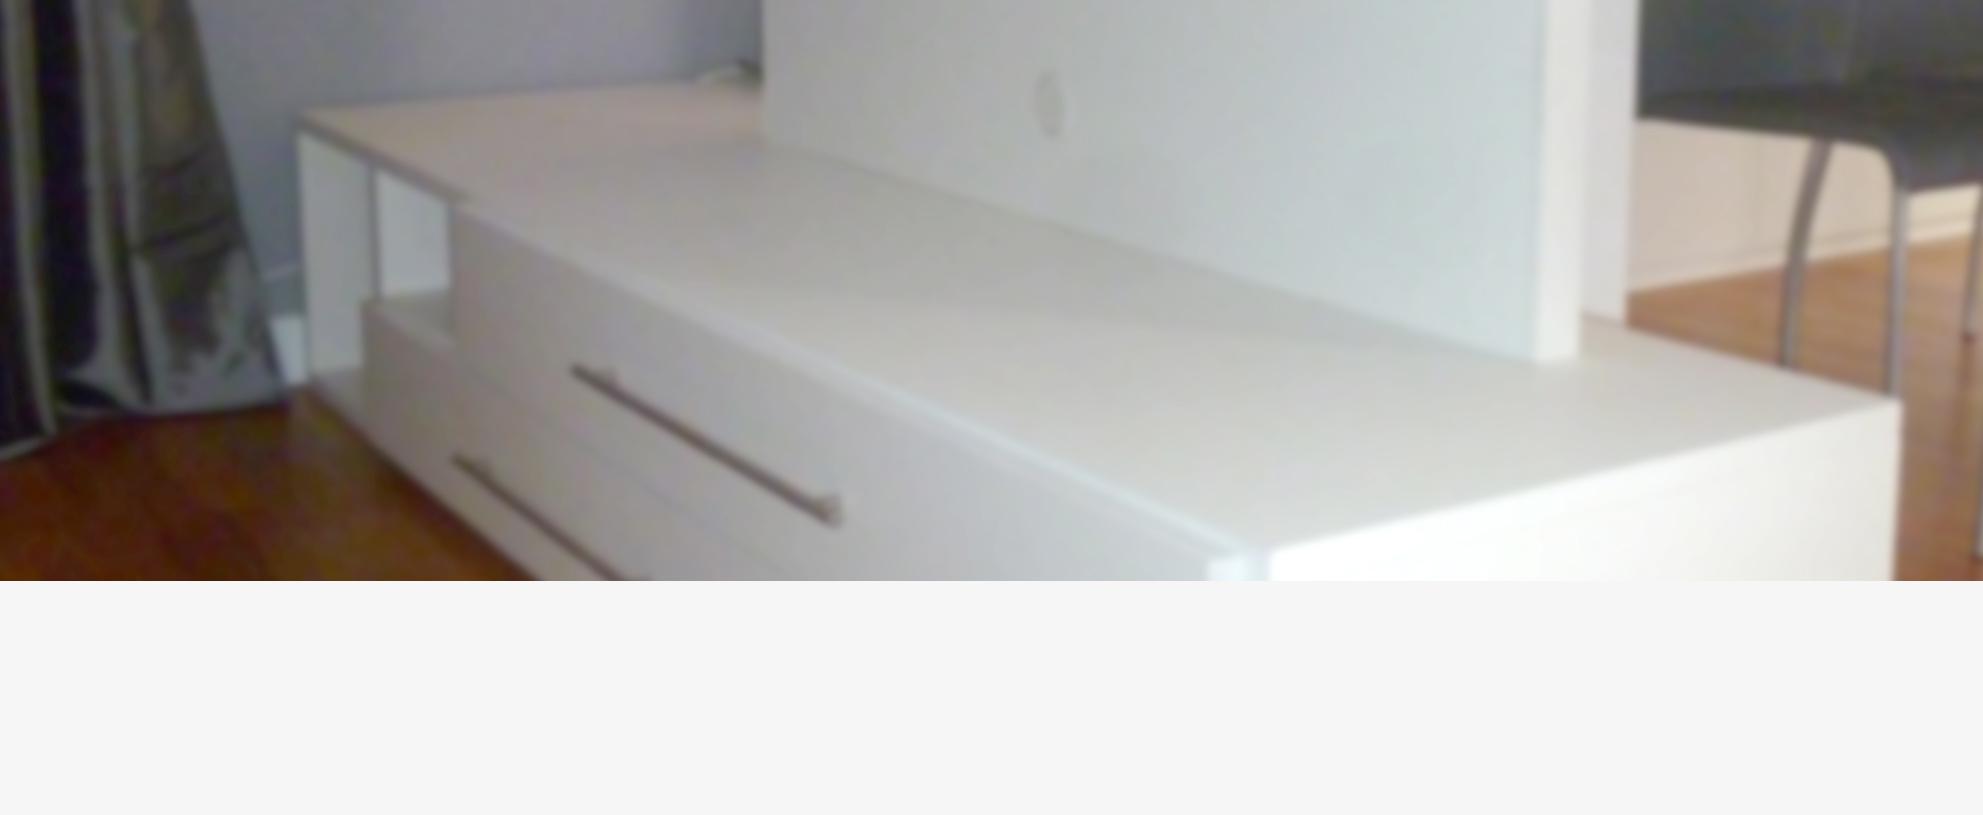 Mobile laccato bianco - Falegnameria Cardini